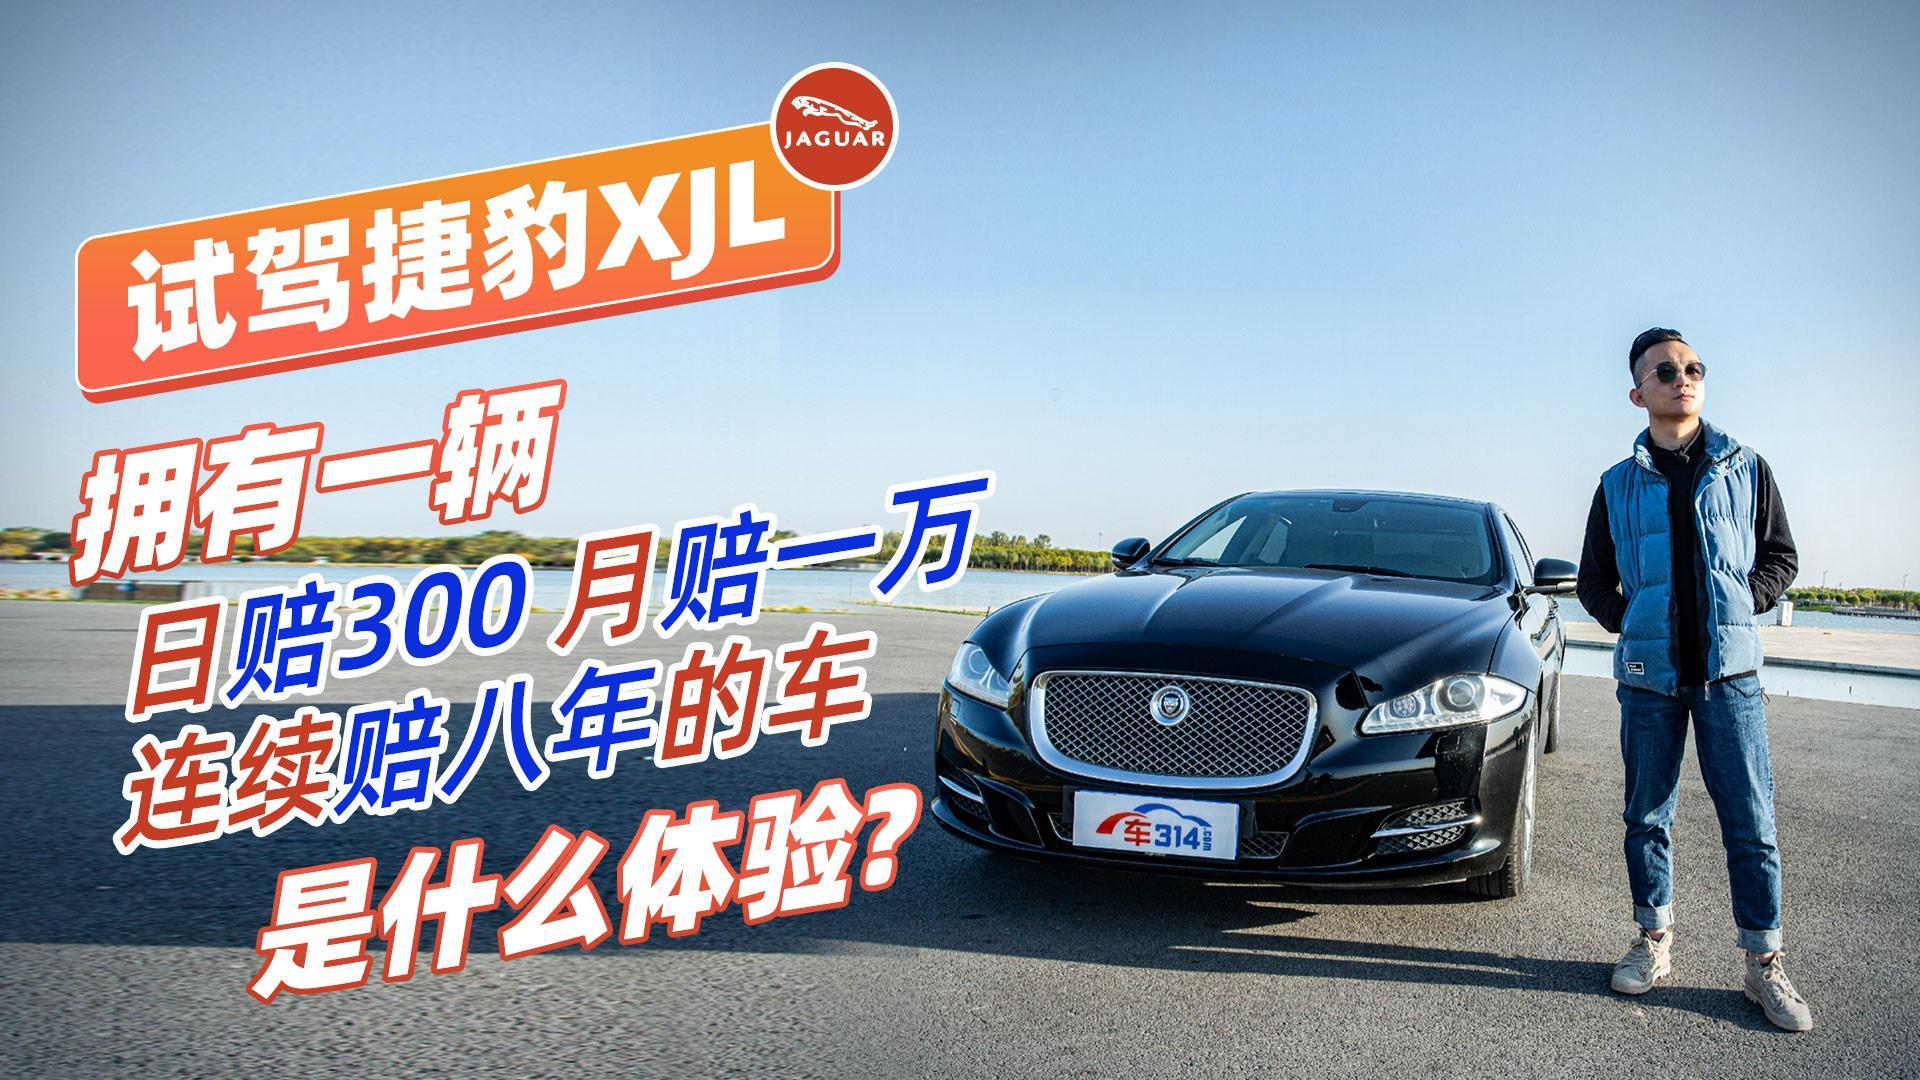 视频:日赔300 月赔一万,拥有一辆连赔八年的捷豹XJL是什么体验?